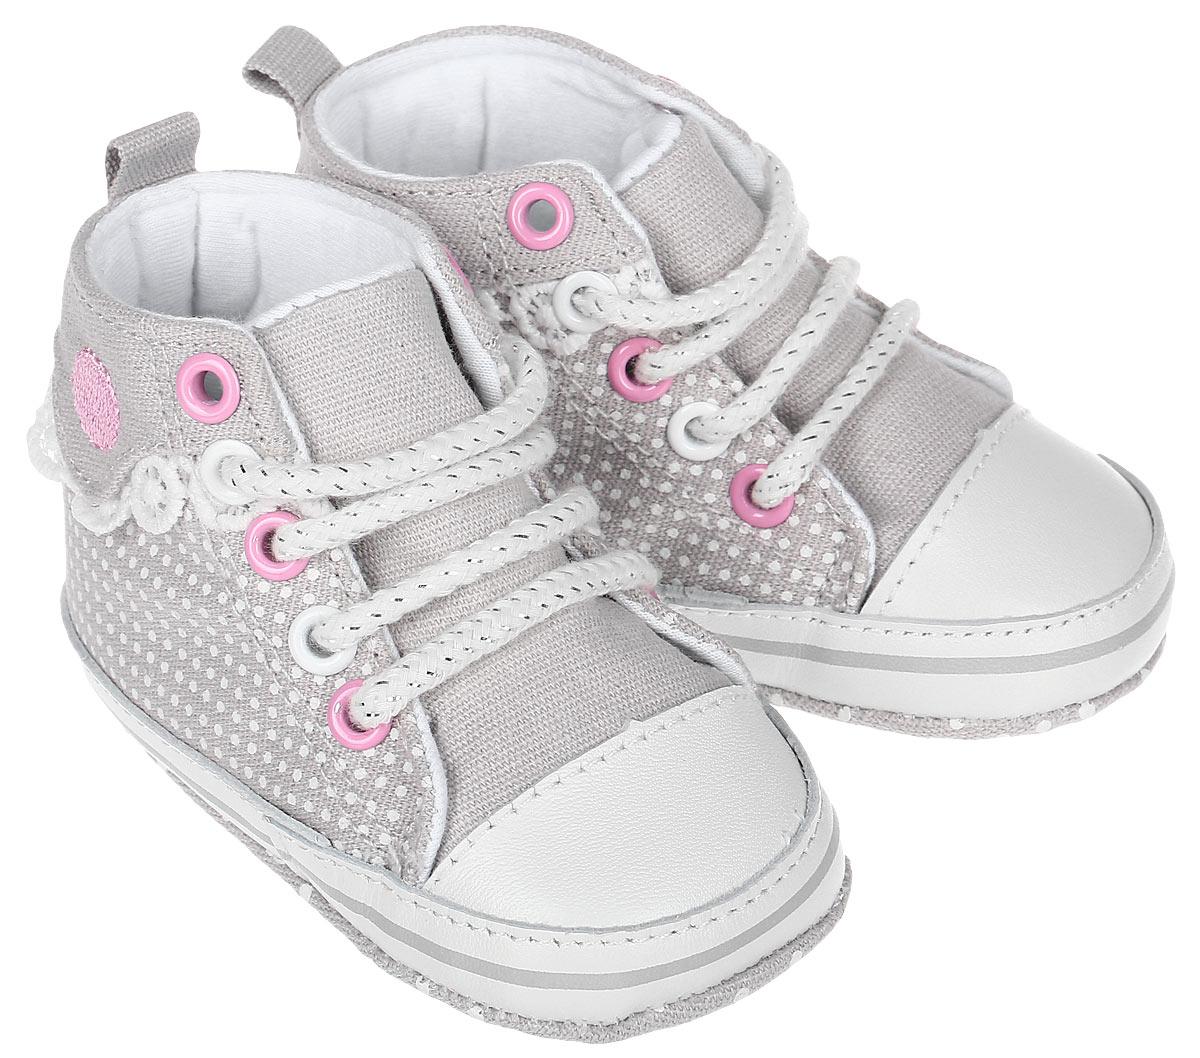 Пинетки для девочки Kapika, цвет: светло-серый, белый, розовый. 10120. Размер 1610120Стильные и модные пинетки для девочки Kapika великолепно дополнят наряд маленькой модницы. В них ваша малышка будет чувствовать себякомфортно и непринужденно. Пинетки выполнены из хлопка, оформленного принтом, с элементами из натуральной кожи. Модель на шнуровке,дополнена застежкой-липучкой, что надежно фиксирует пинетки на ножке ребенка и позволяет регулировать их объем. Пинетки декорированы кружевными оборками. Милые, нежные и удобные детские пинетки станут любимой обувью маленькой принцессы.